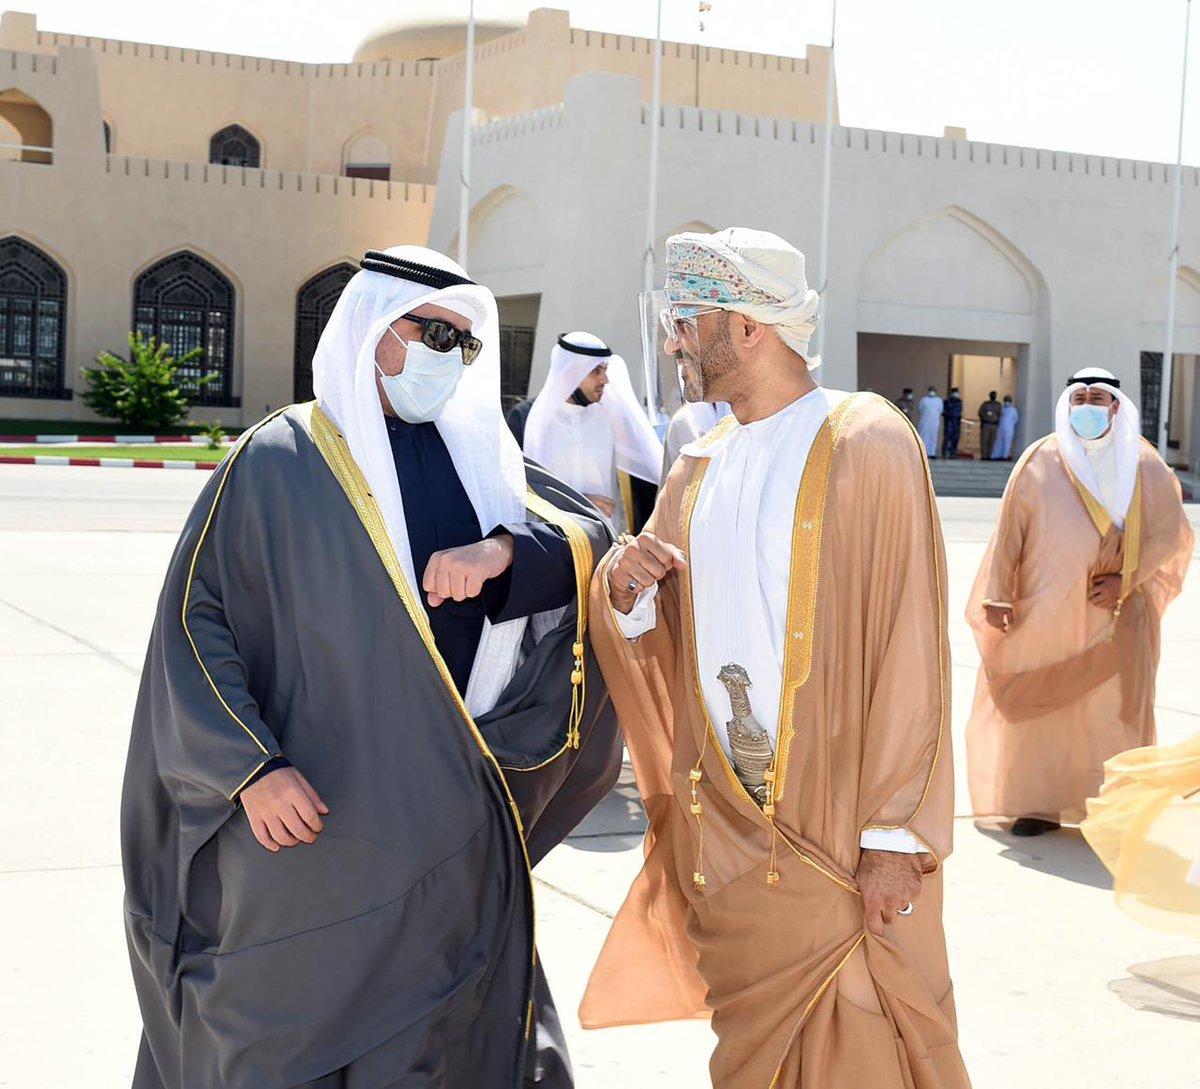 معالي الدكتور أحمد ناصر المحمد الصباح وزير خارجية دولة الكويت الشقيقة يغادر السلطنة بعد زيارة رسمية استغرقت يومين.